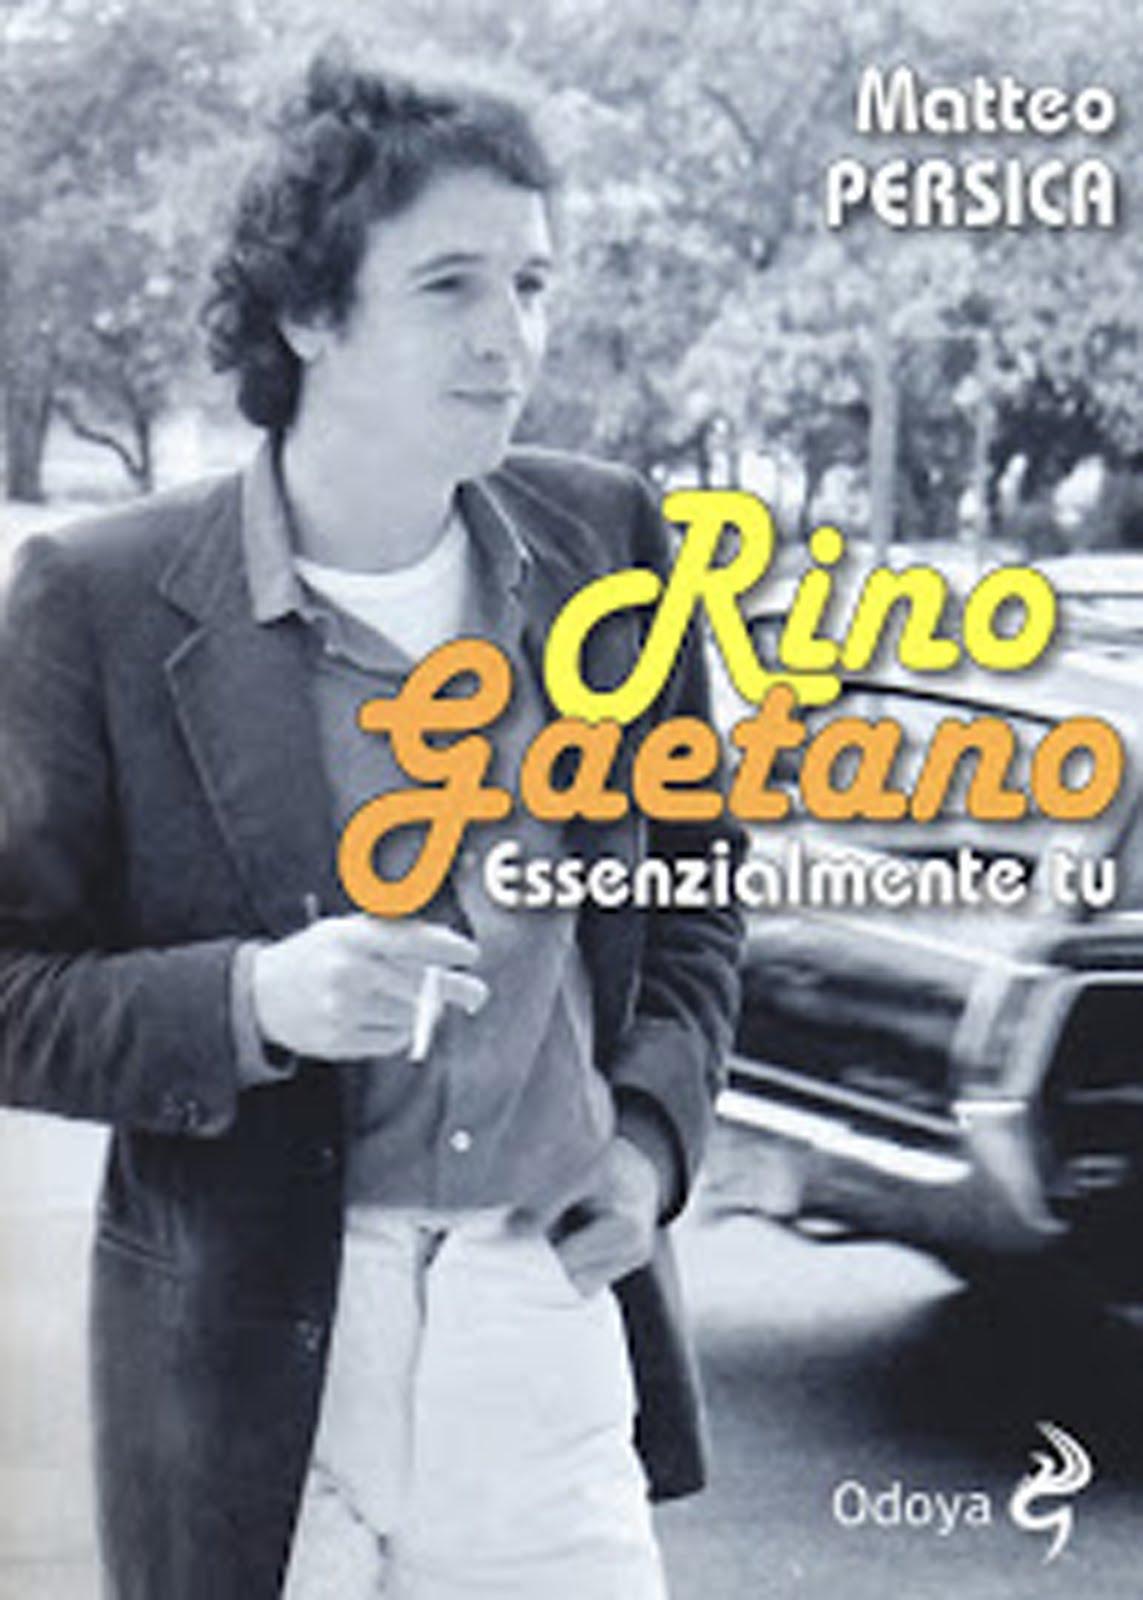 """""""Rino Gaetano. Essenzialmente tu"""" di Matteo Persica (Odoya)"""